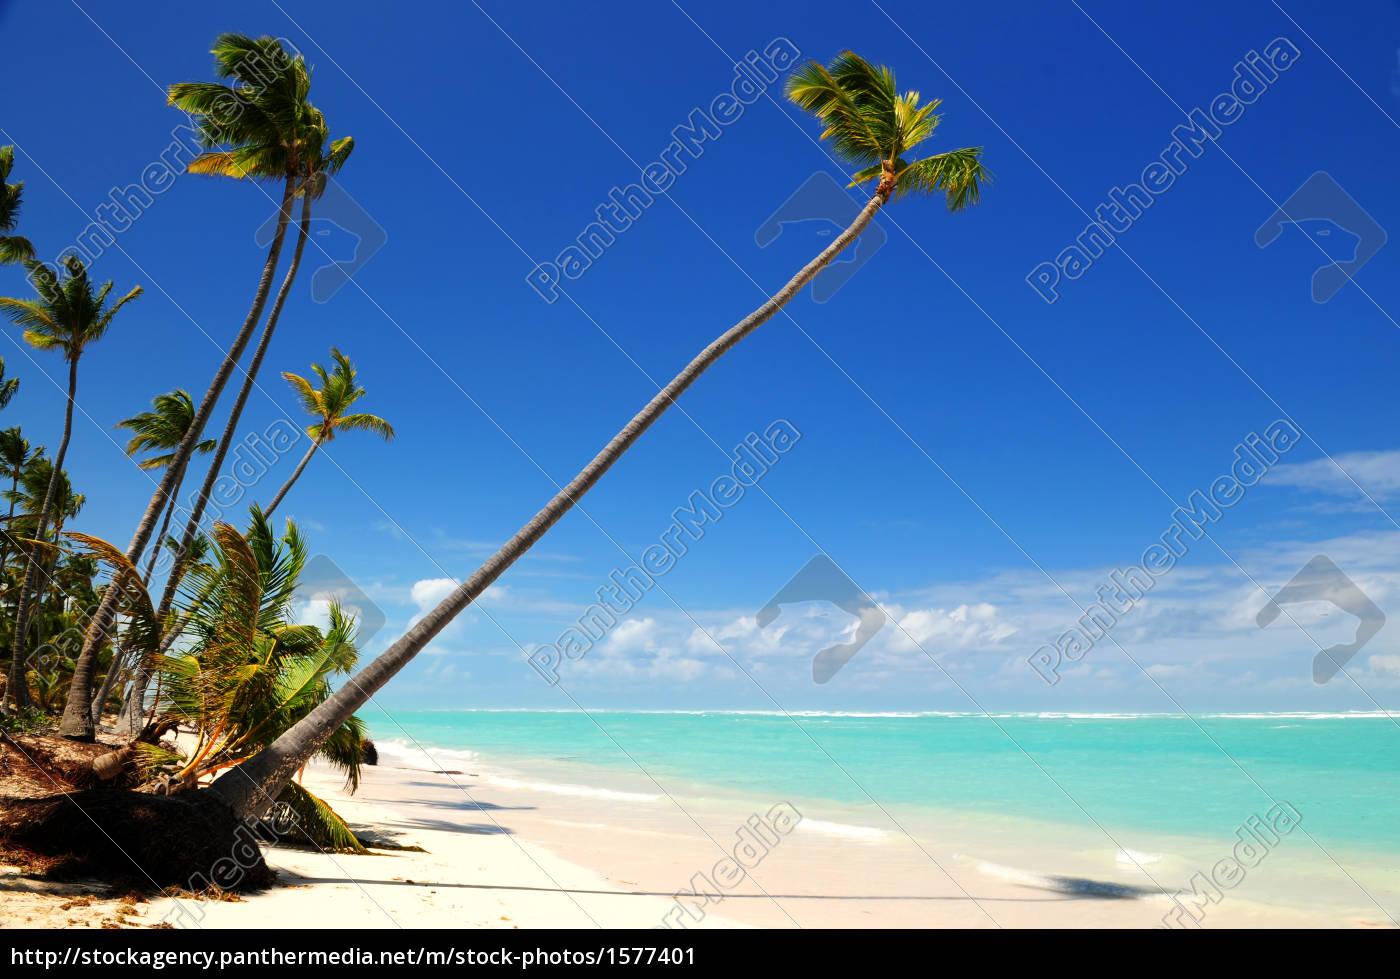 tropical, beach - 1577401